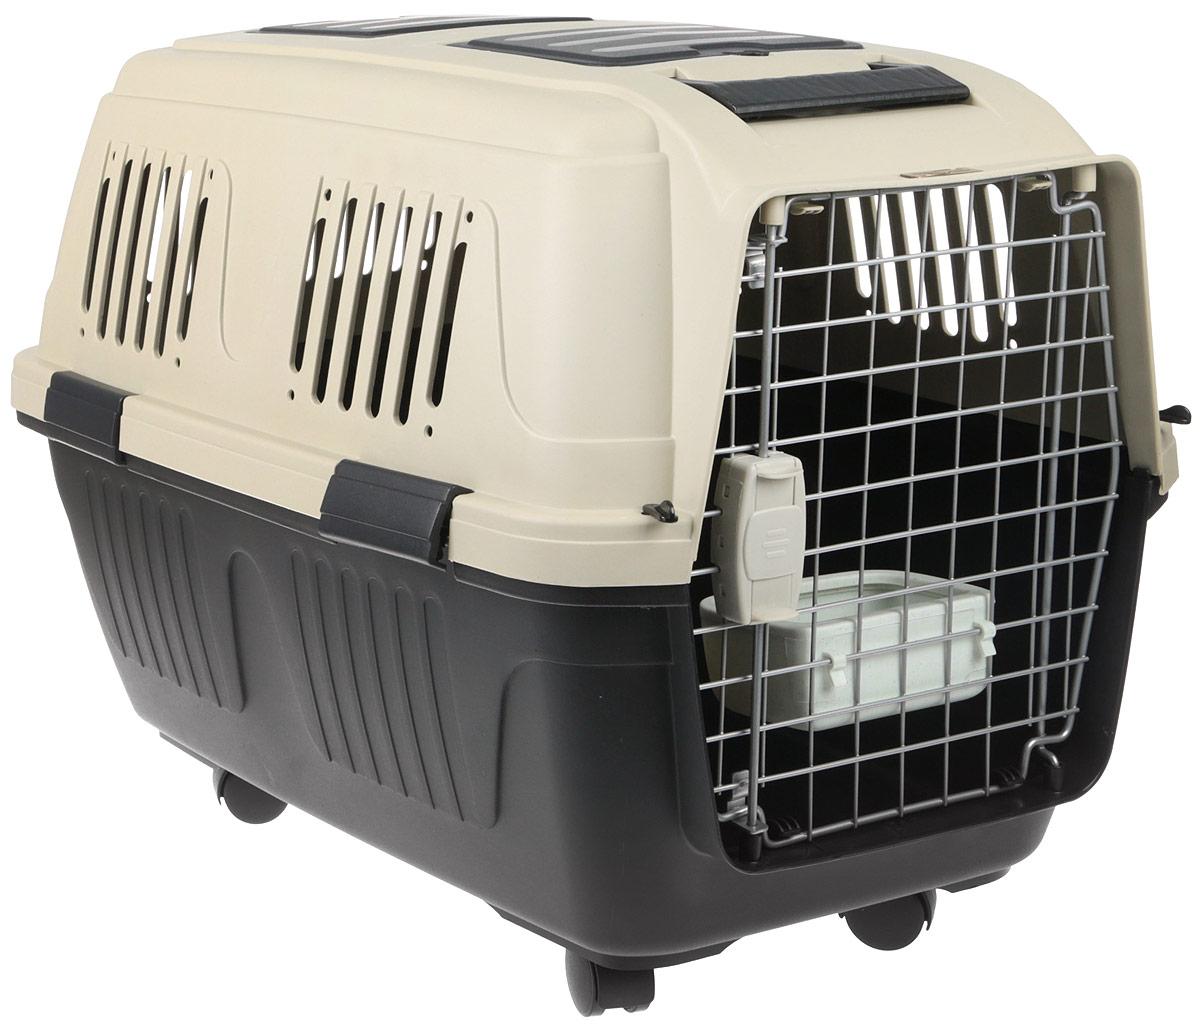 Переноска для собак Triol Standard Medium, цвет: черный, серый, 710 x 530 x 520 мм поводки triol поводок со светоотражающей строчкой серый размер l 25 x 1200мм